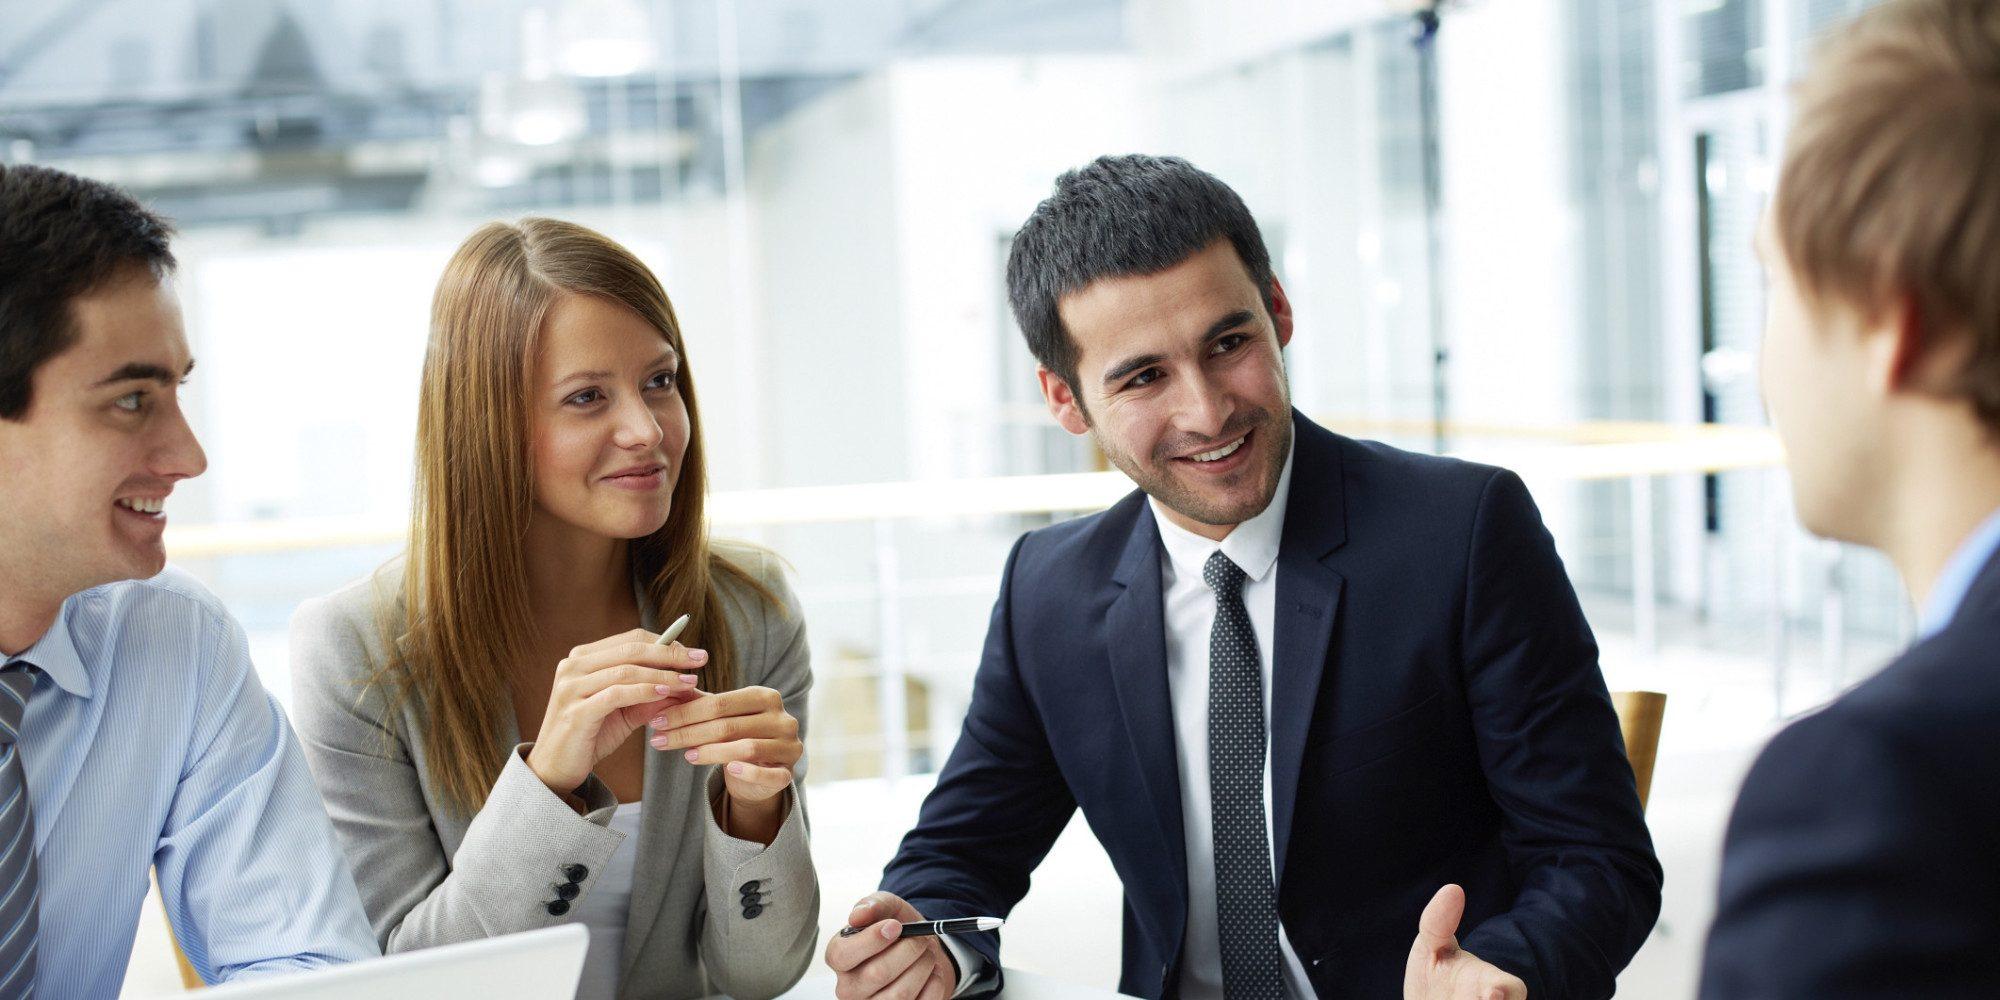 AVT de specialist voor digitaal dicteren en spraakherkenning - Adviseur van AVT geeft vrijblijvend advies